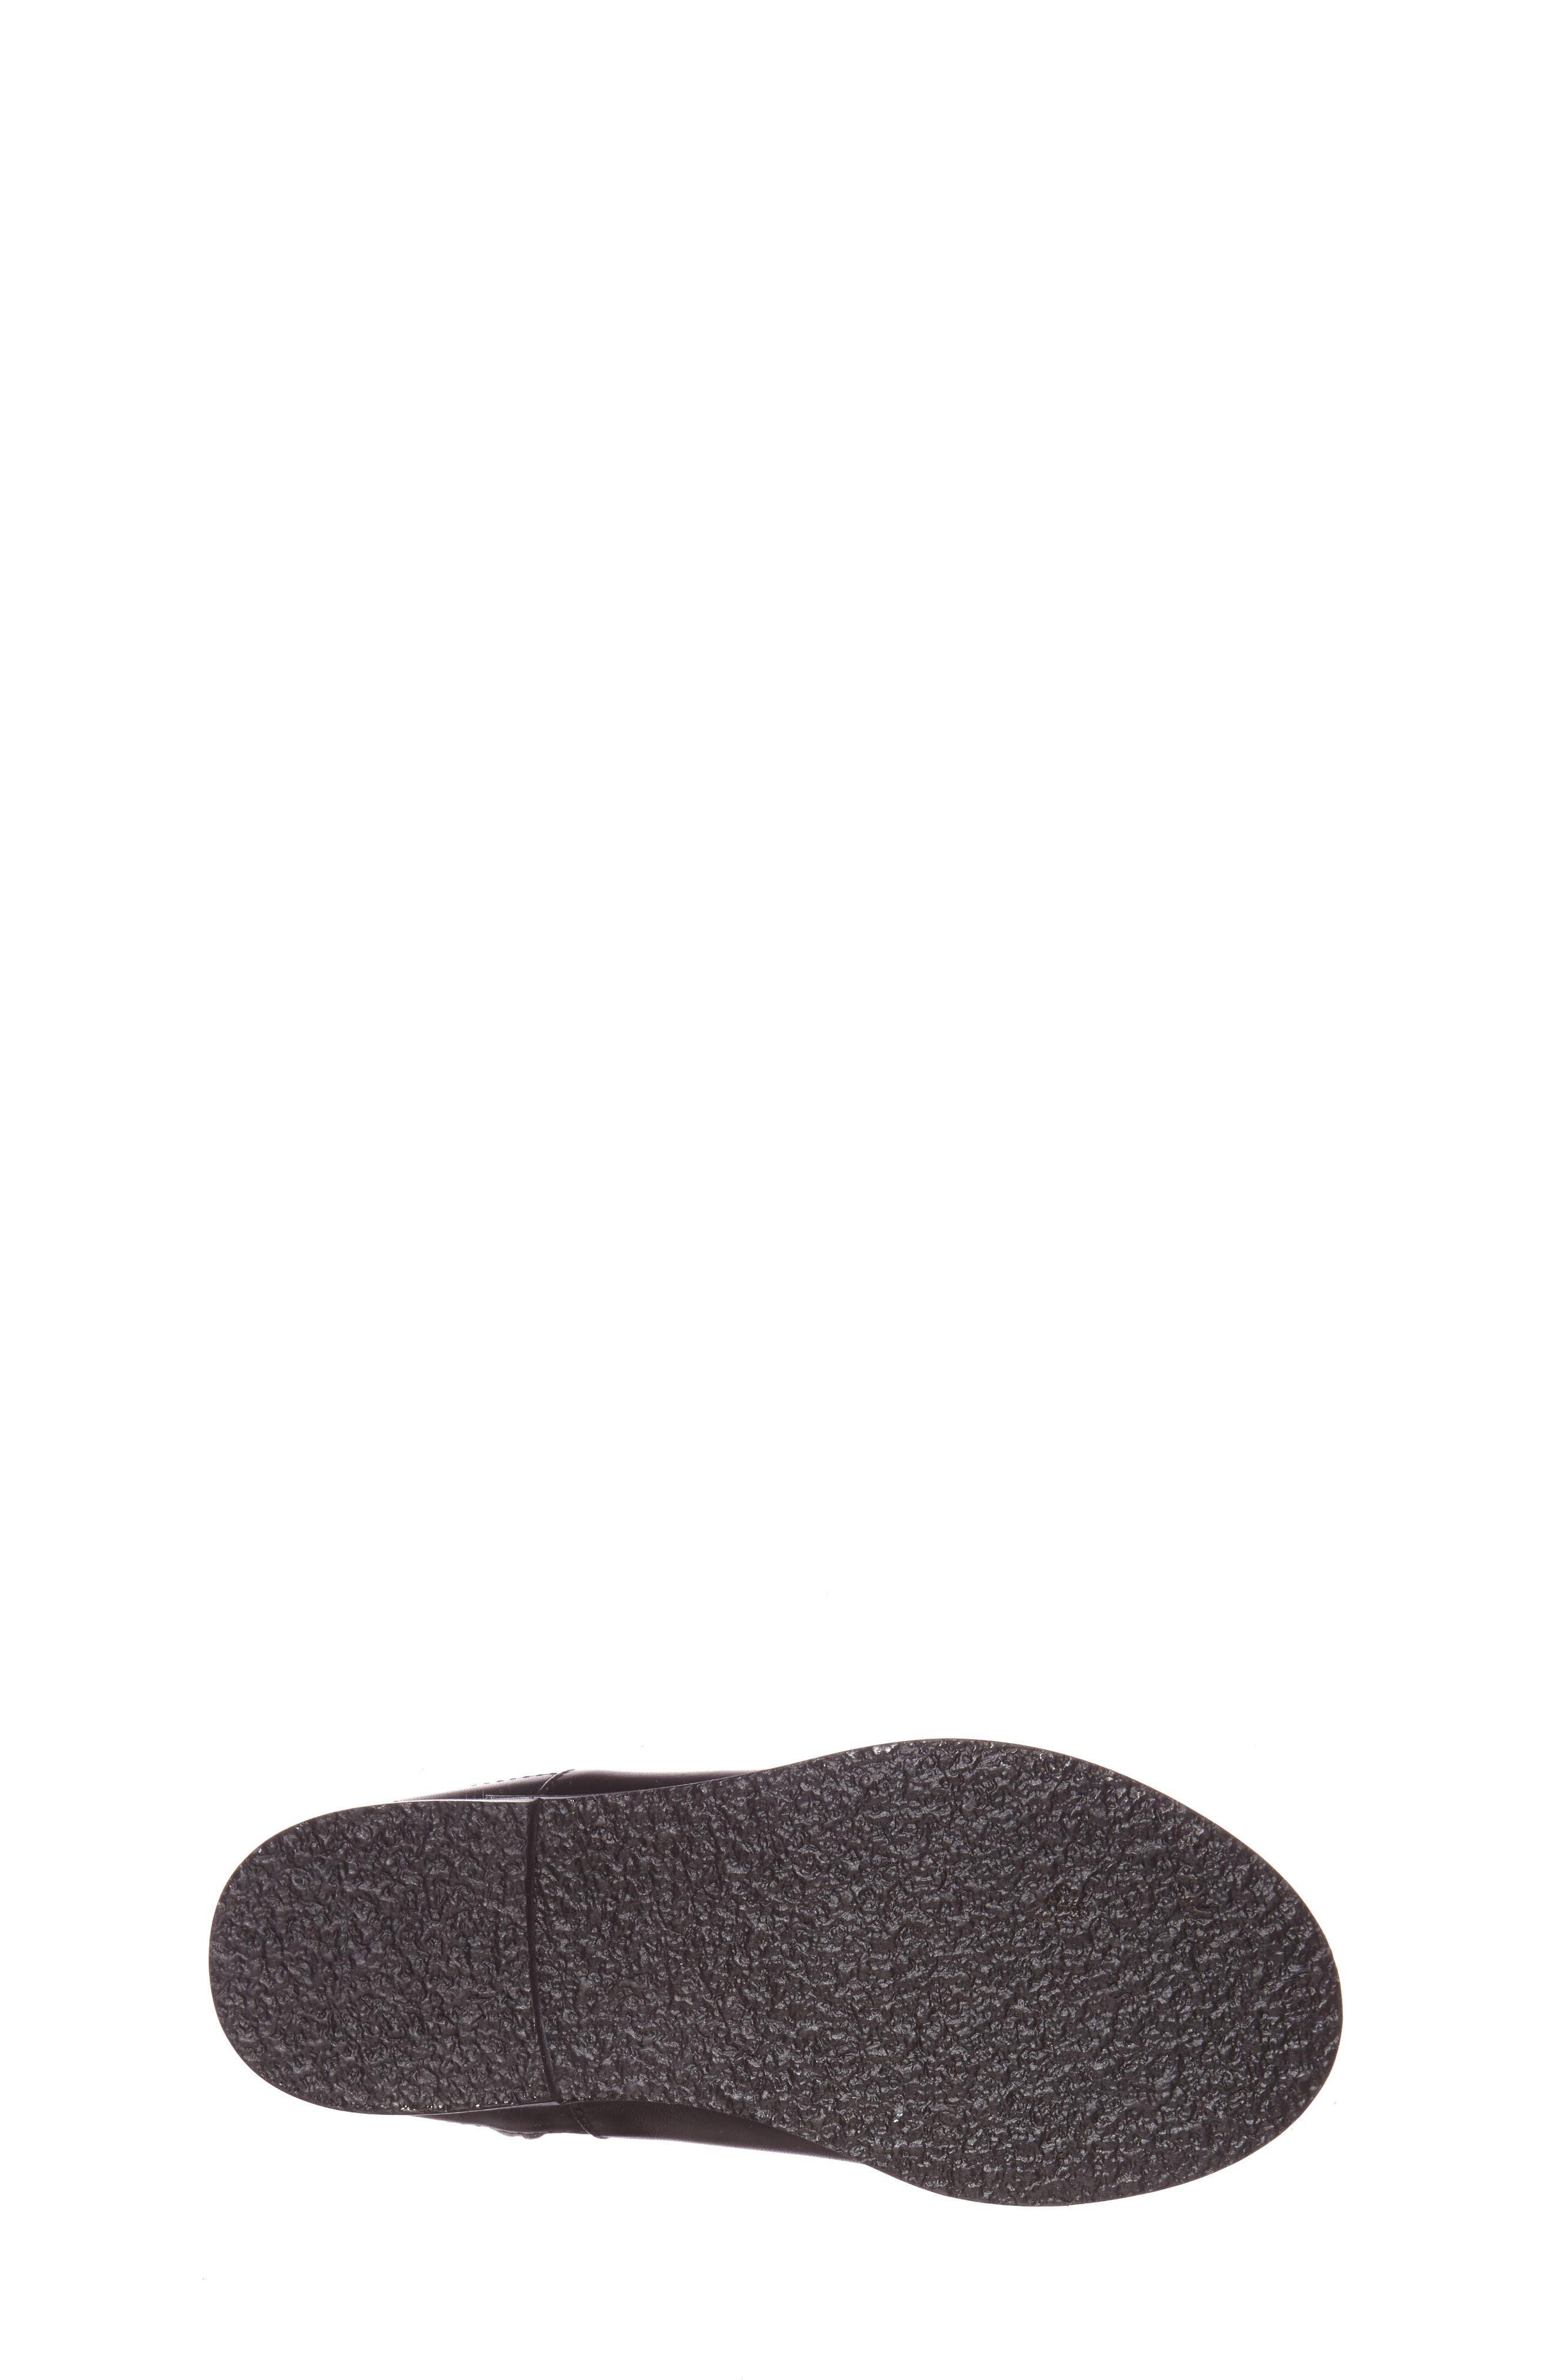 'Mini Richardson' Leather Boot,                             Alternate thumbnail 3, color,                             001